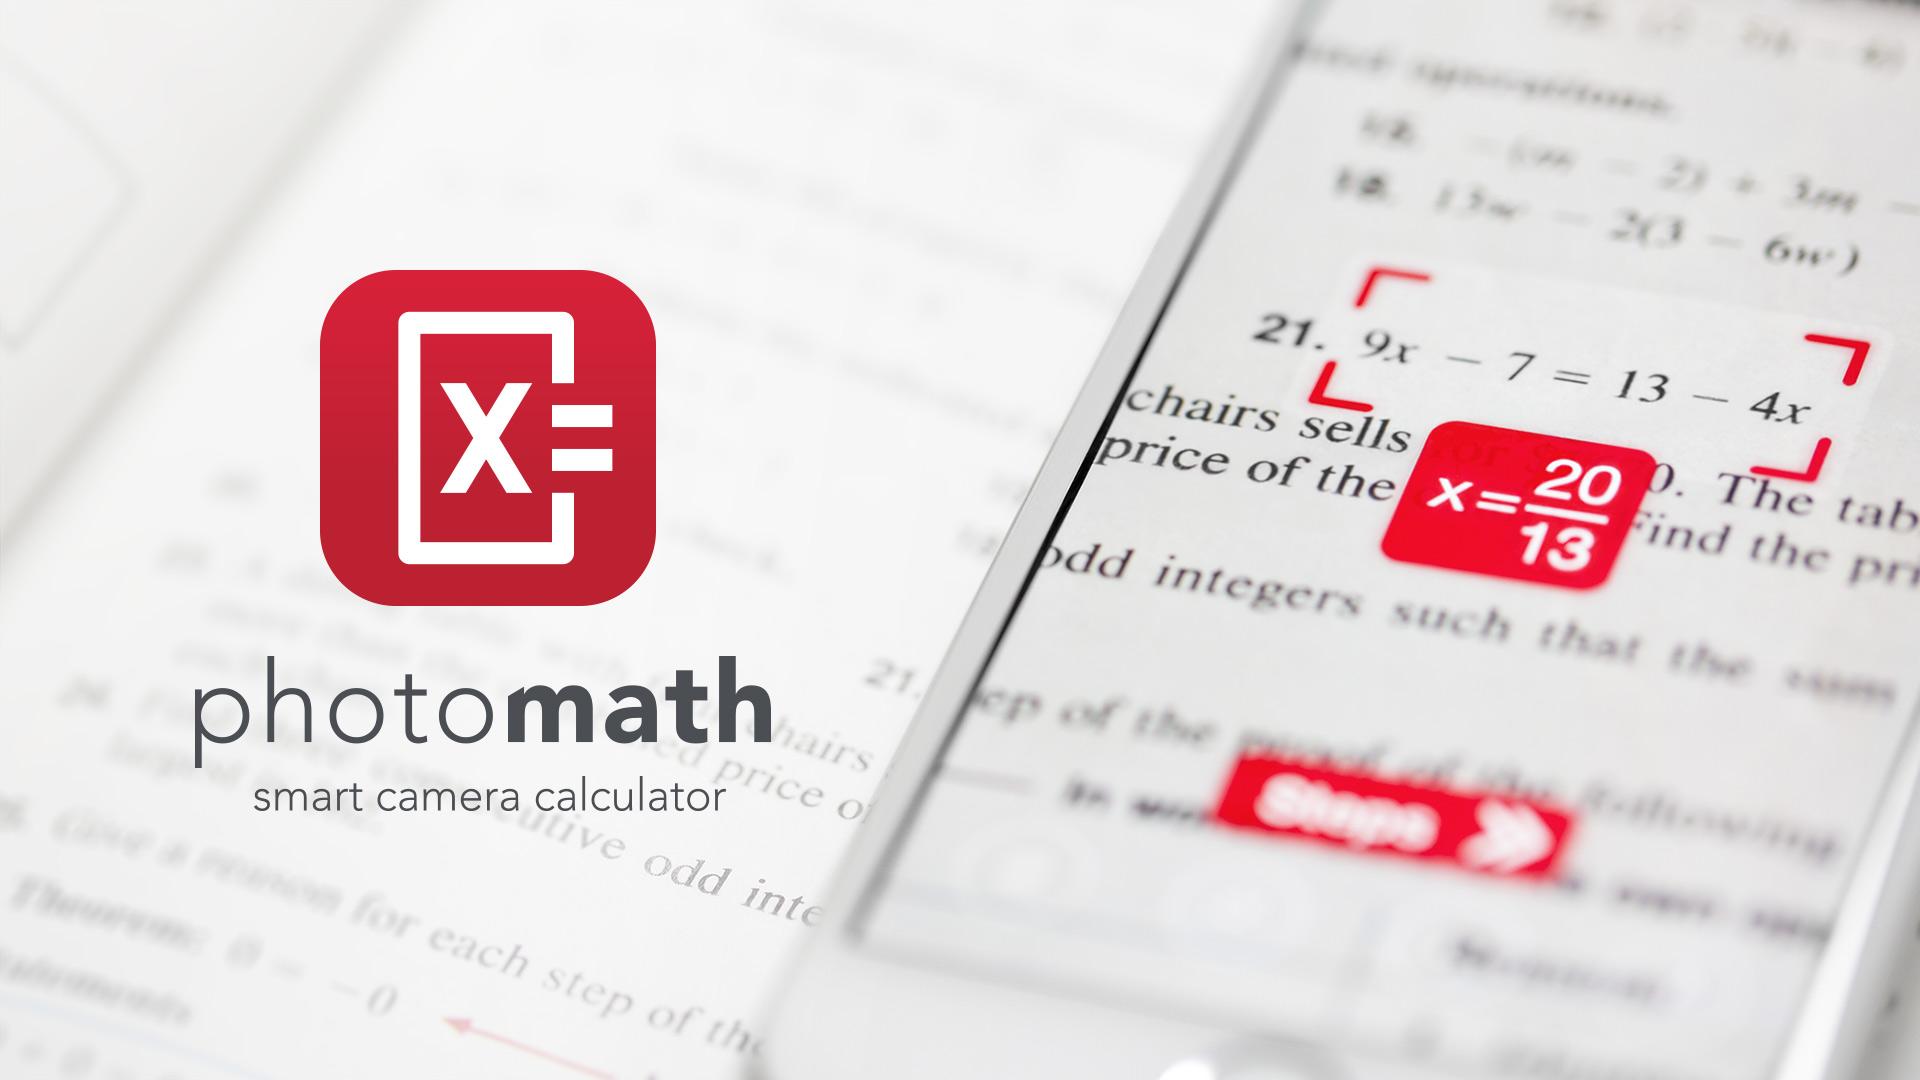 Risolvere equazioni? basta una foto con lo smartphone